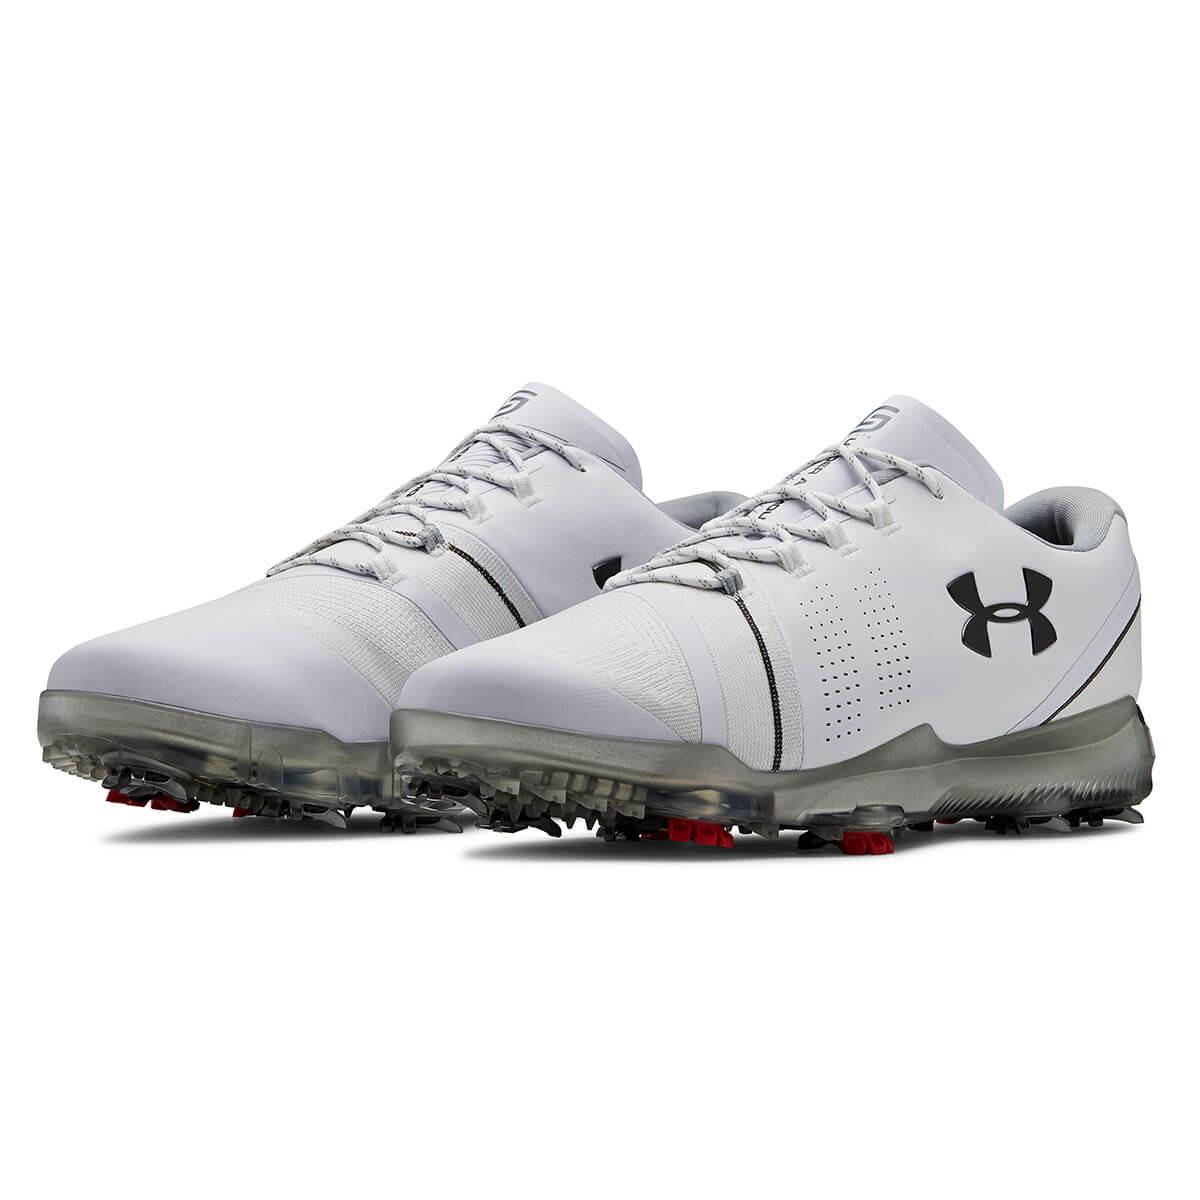 e1e23fa6c807 Under Armour Mens 2019 UA Spieth 3 GTX E Waterproof Golf Shoes